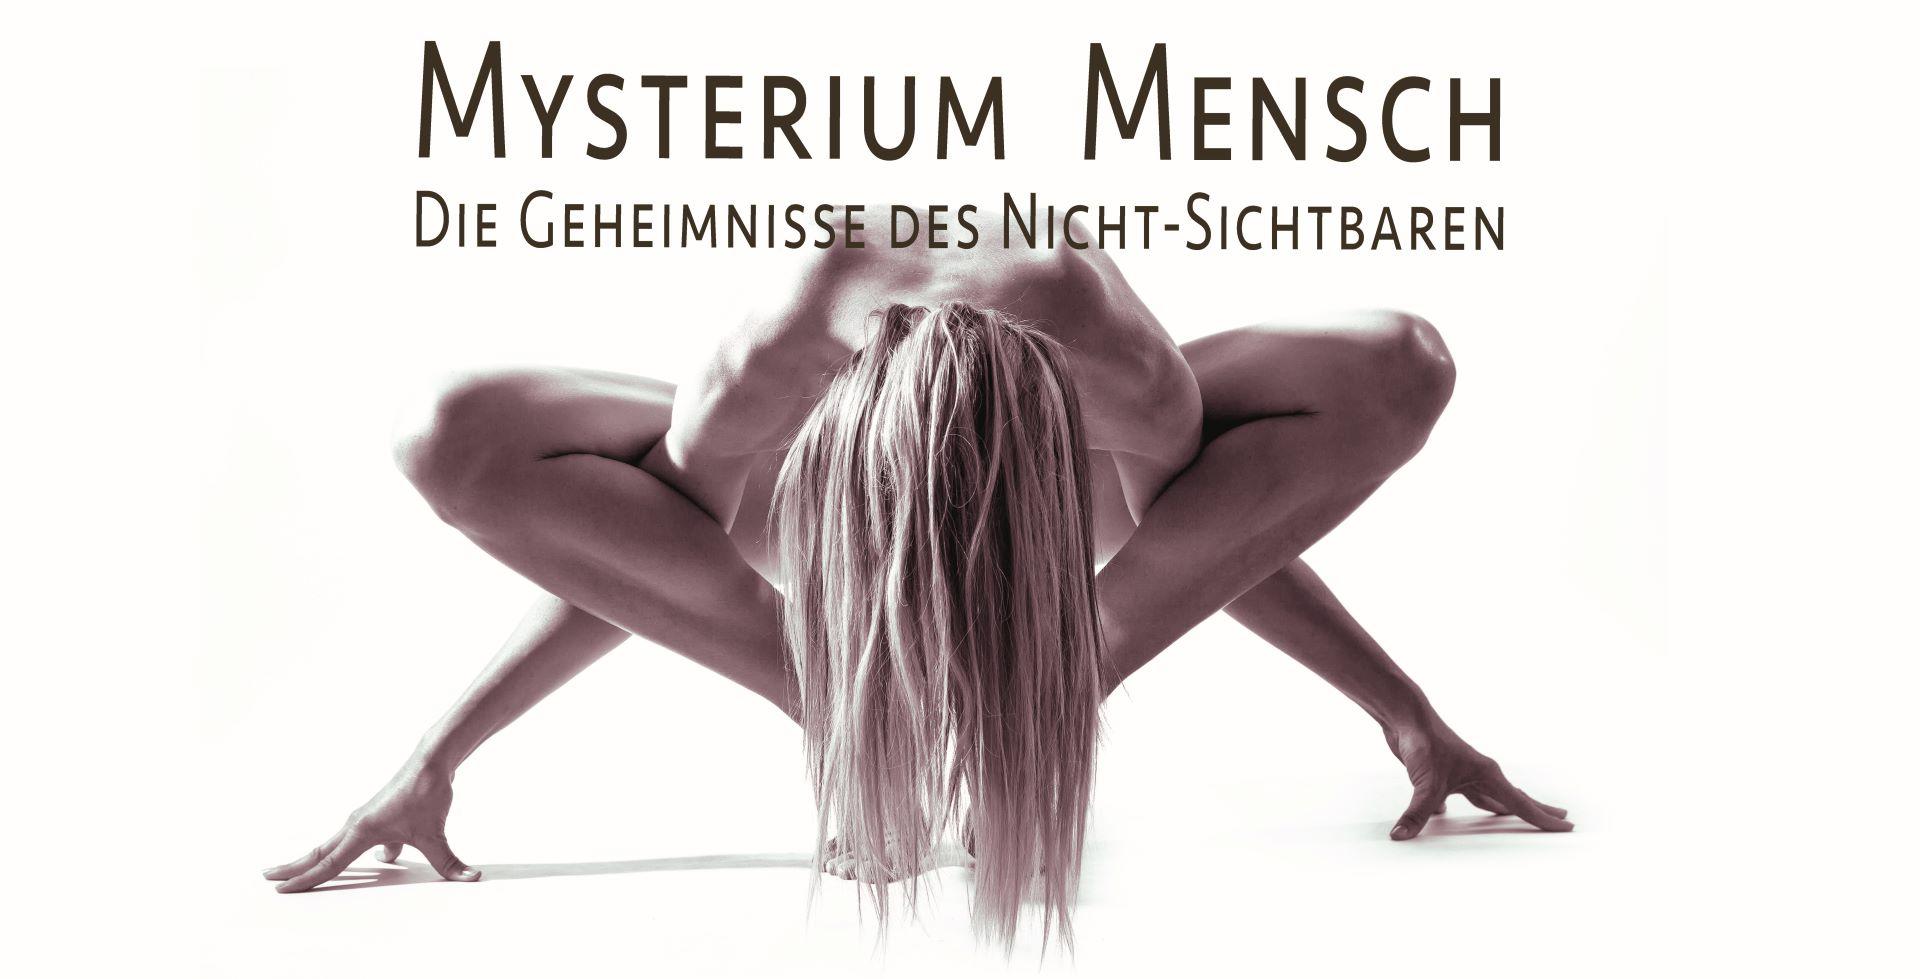 Mysterium Mensch - Die Geheimnisse des Nicht-Sichtbaren